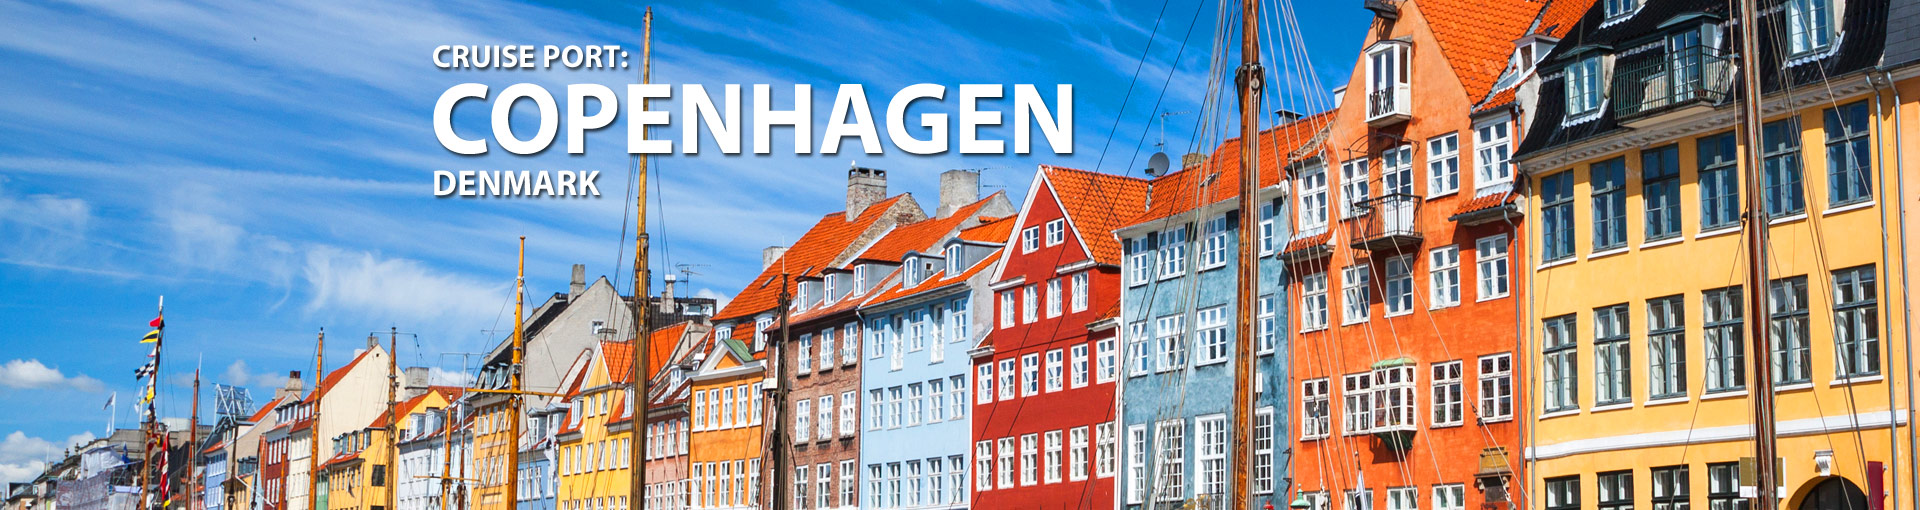 Cruises from Copenhagen, Denmark